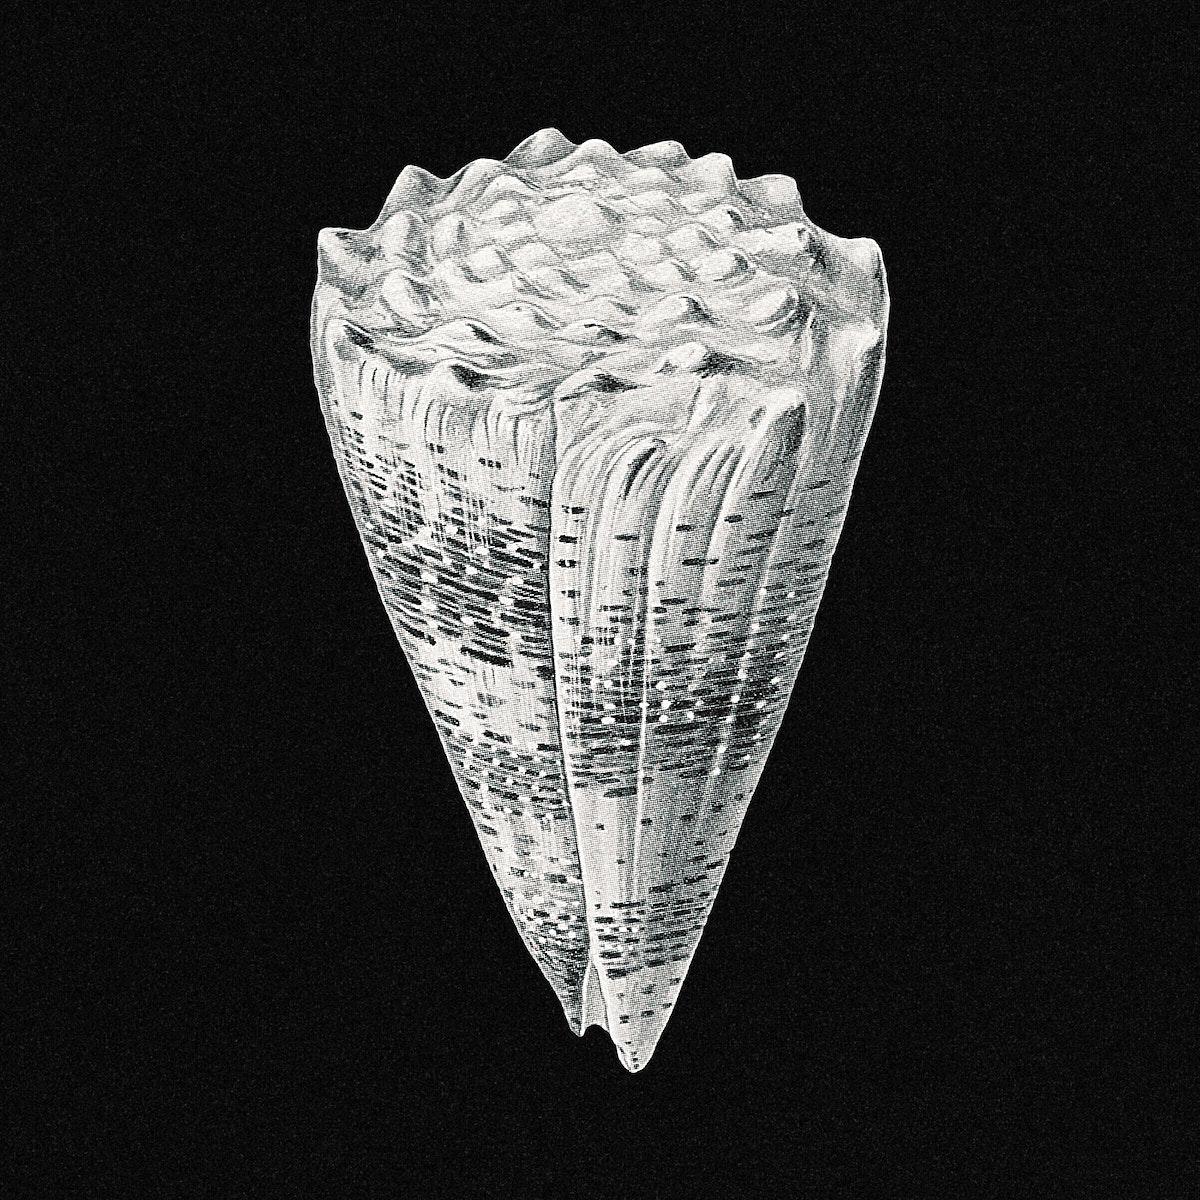 Vintage shell marine life illustration